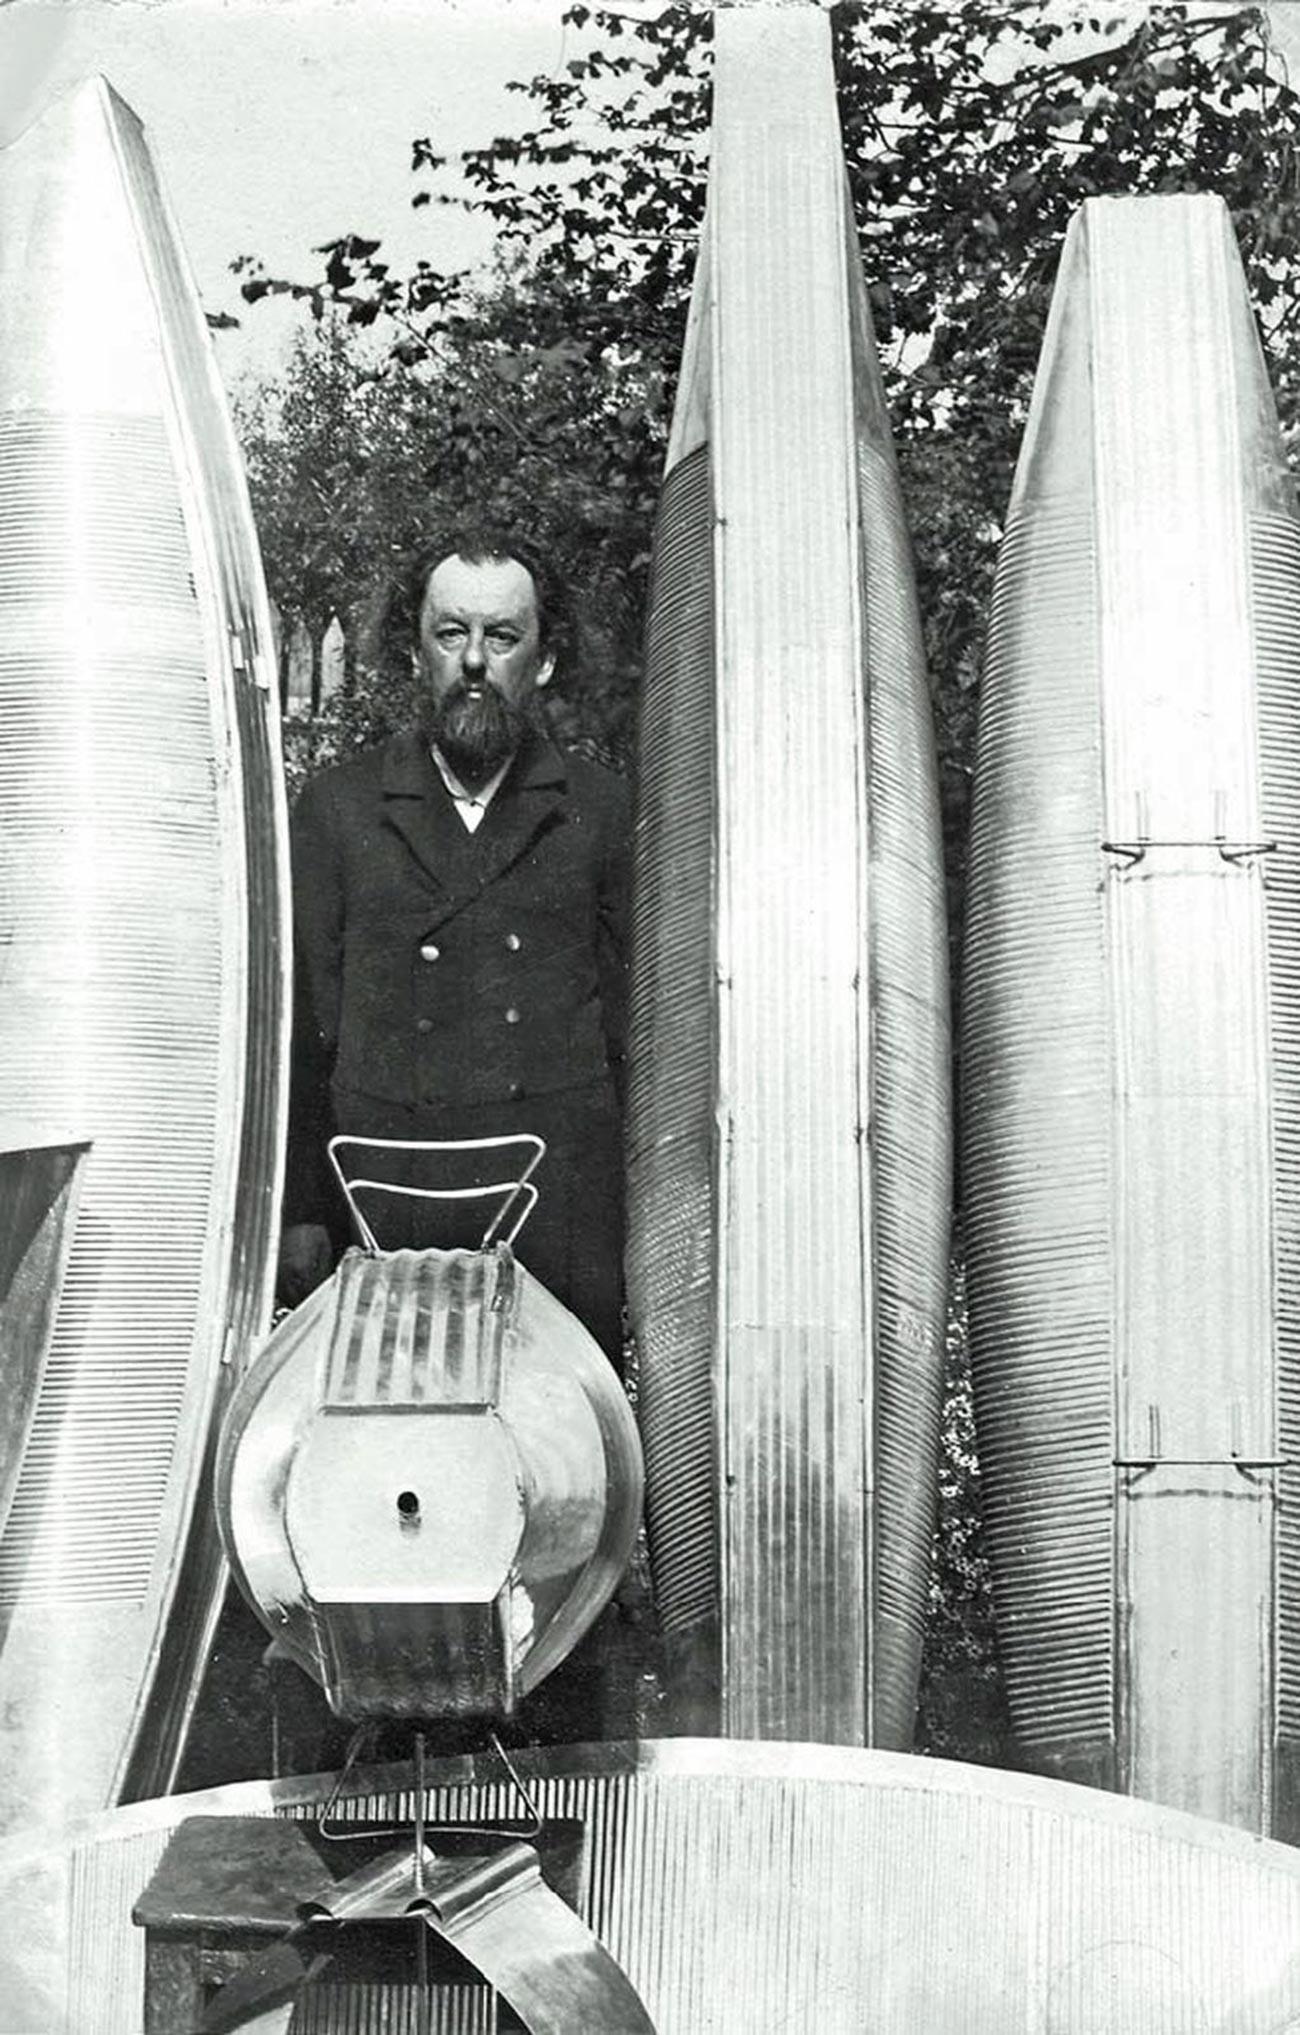 Konstantin Ciolkovski z maketami svojega cepelina